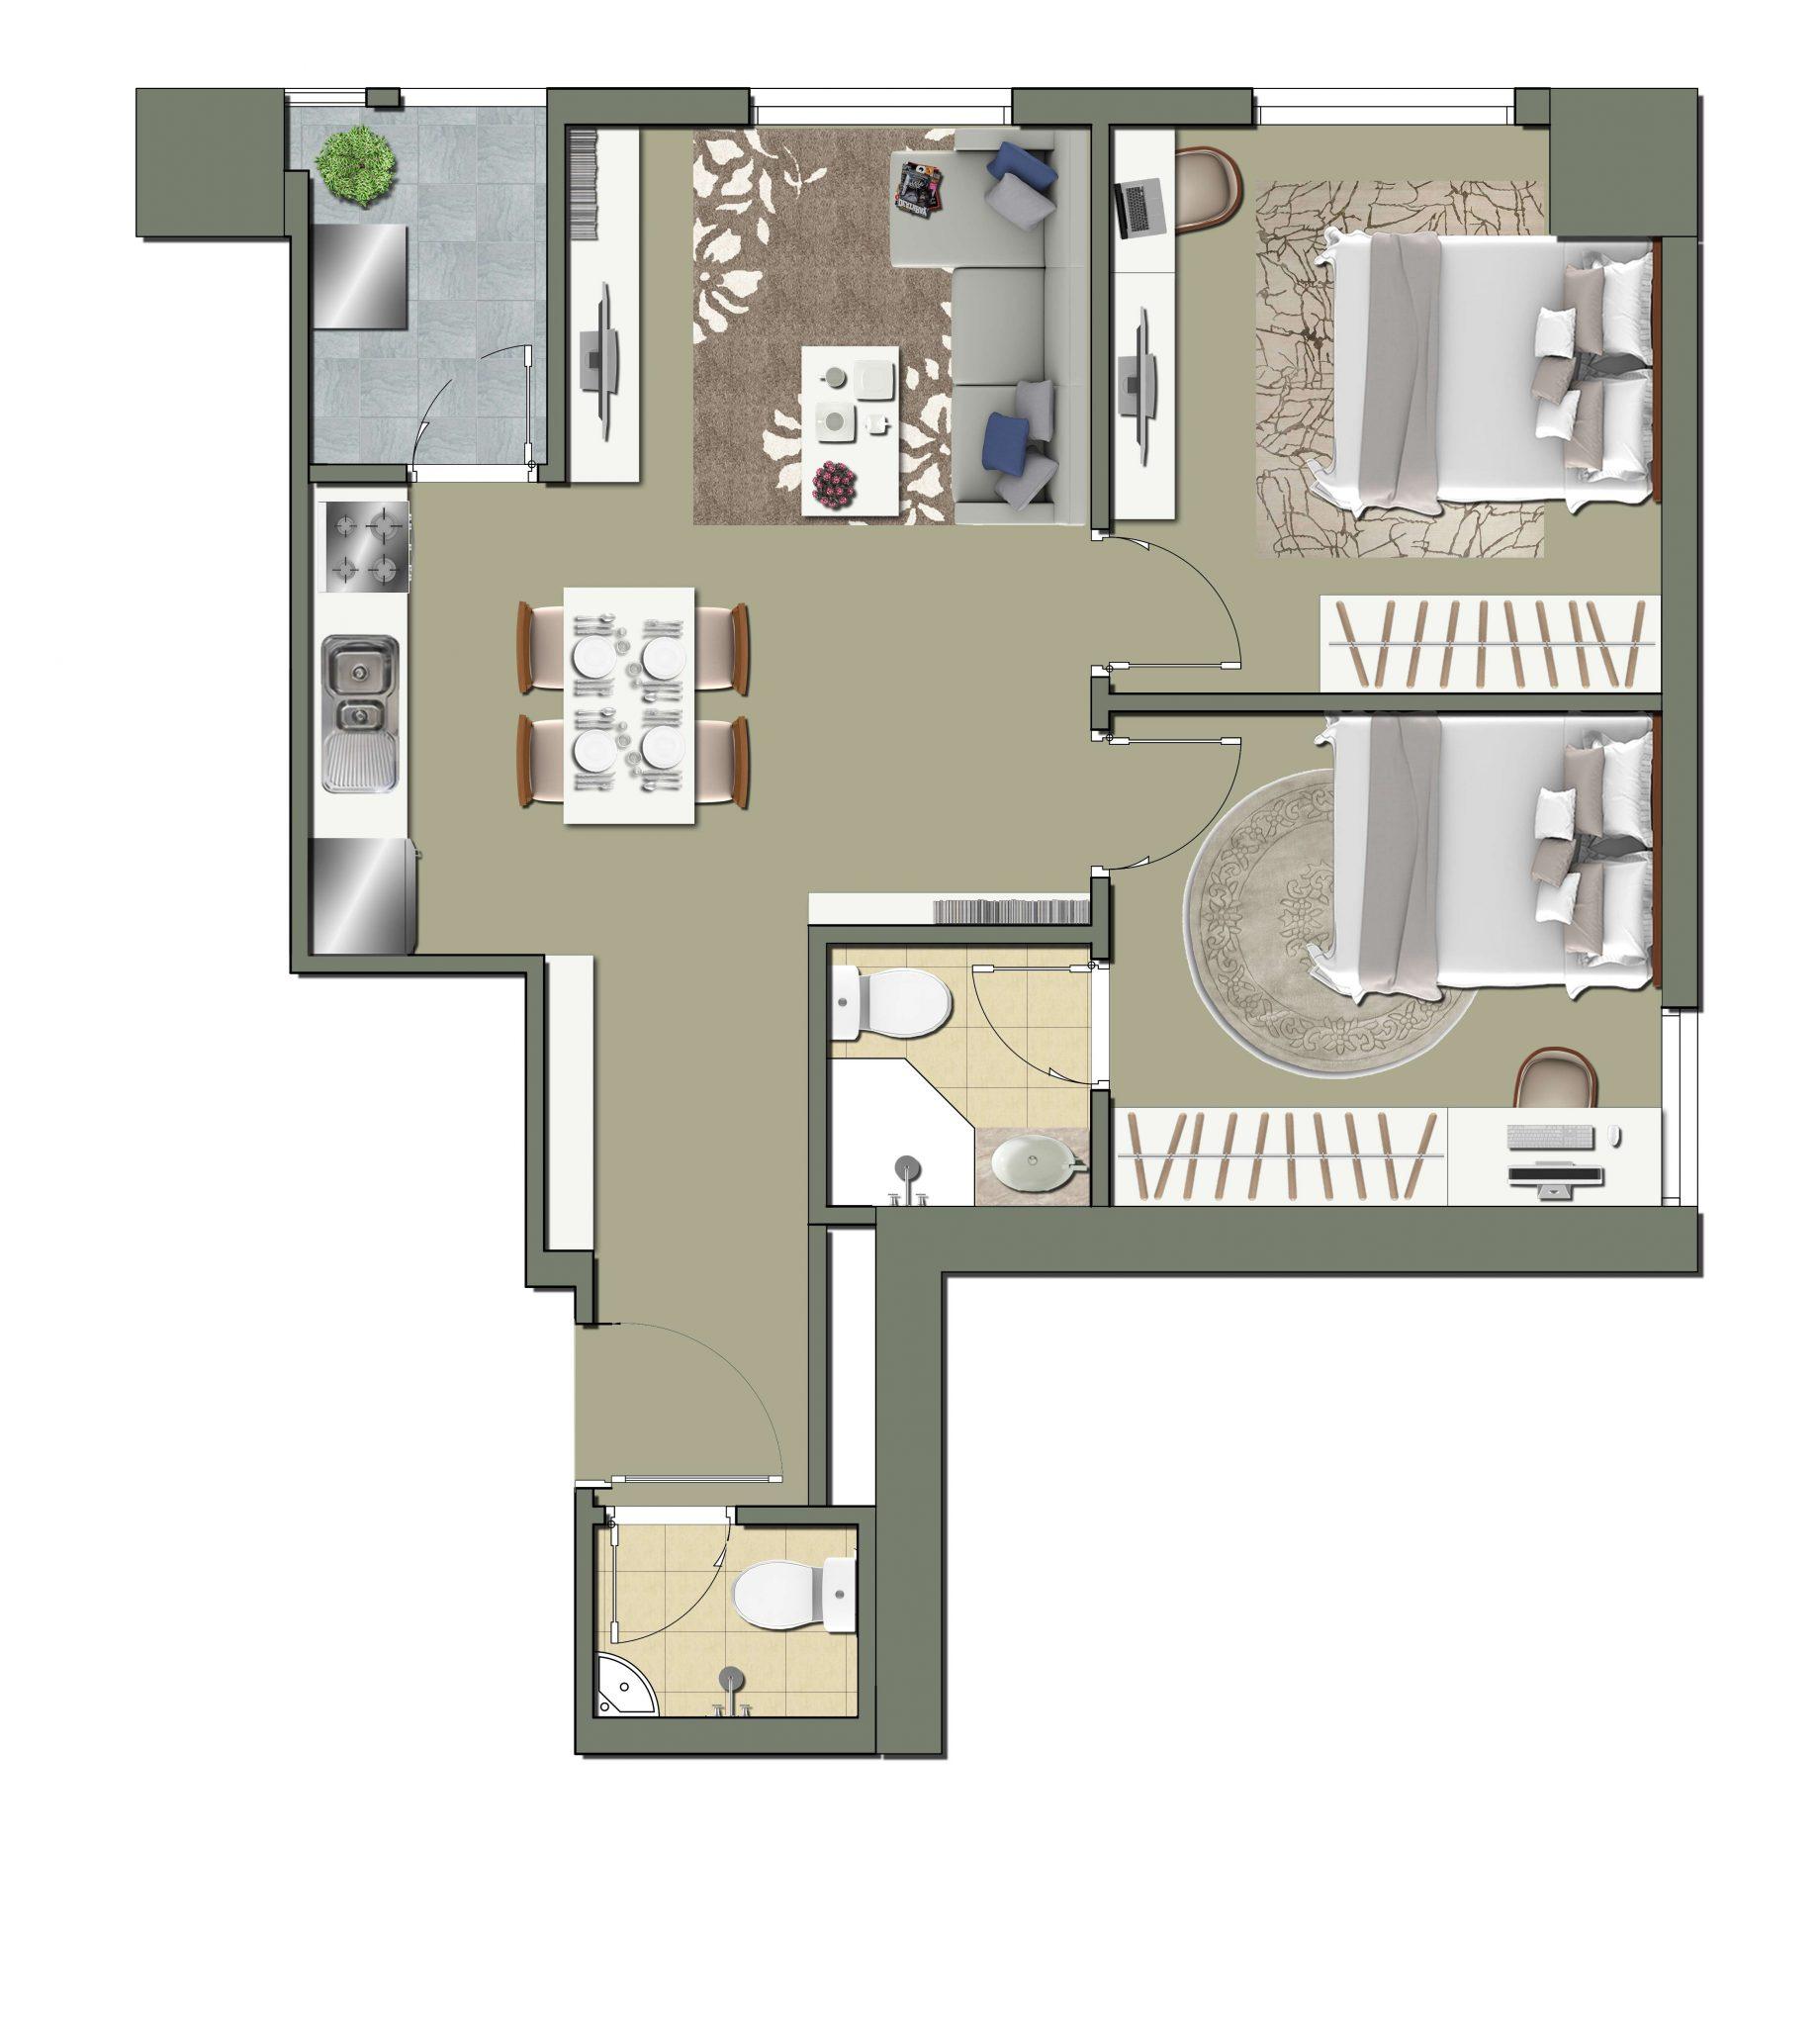 Thiết kế căn số 1 diện tích 63m2 Dự án Parkview Residence Dương Nội